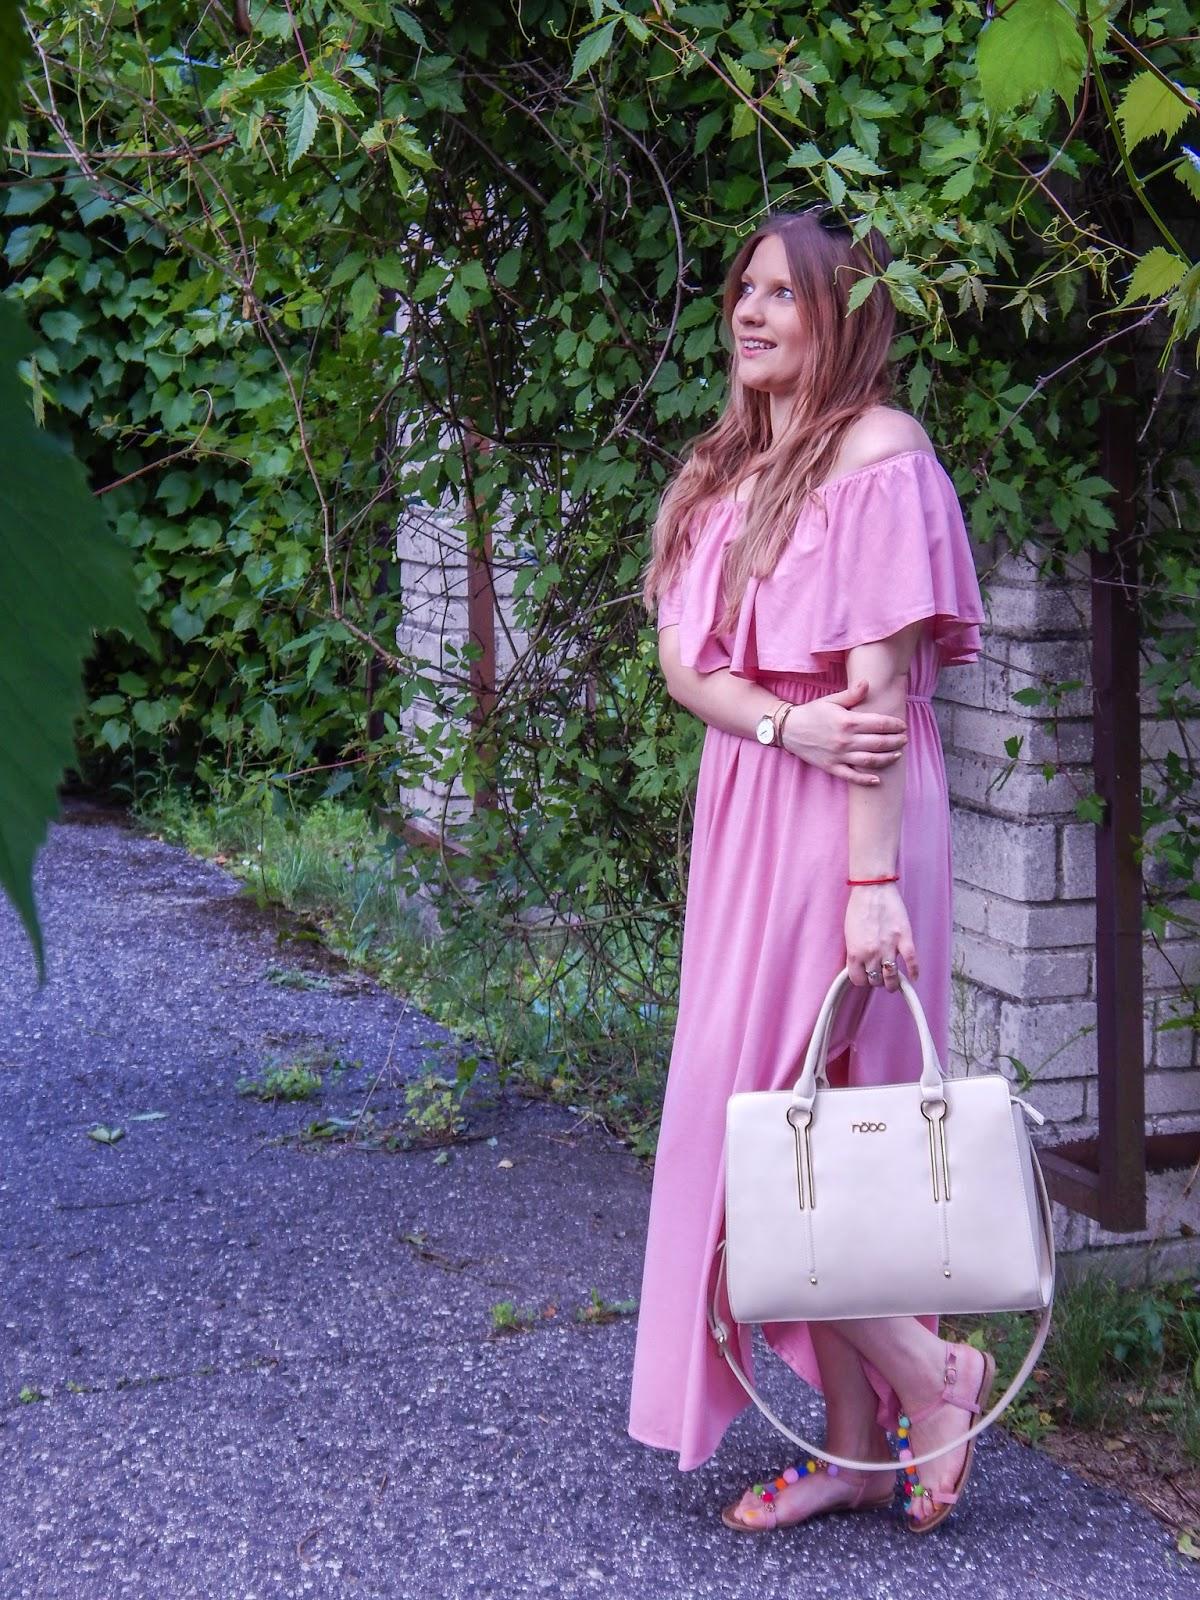 4 długa sukienka maxi hiszpanka wakacyjna stylizacja sandały z pomponami kolorowymi nobo bag beżowa torba a4 ze złotymi elementami złoty zegarek złota biżuteria